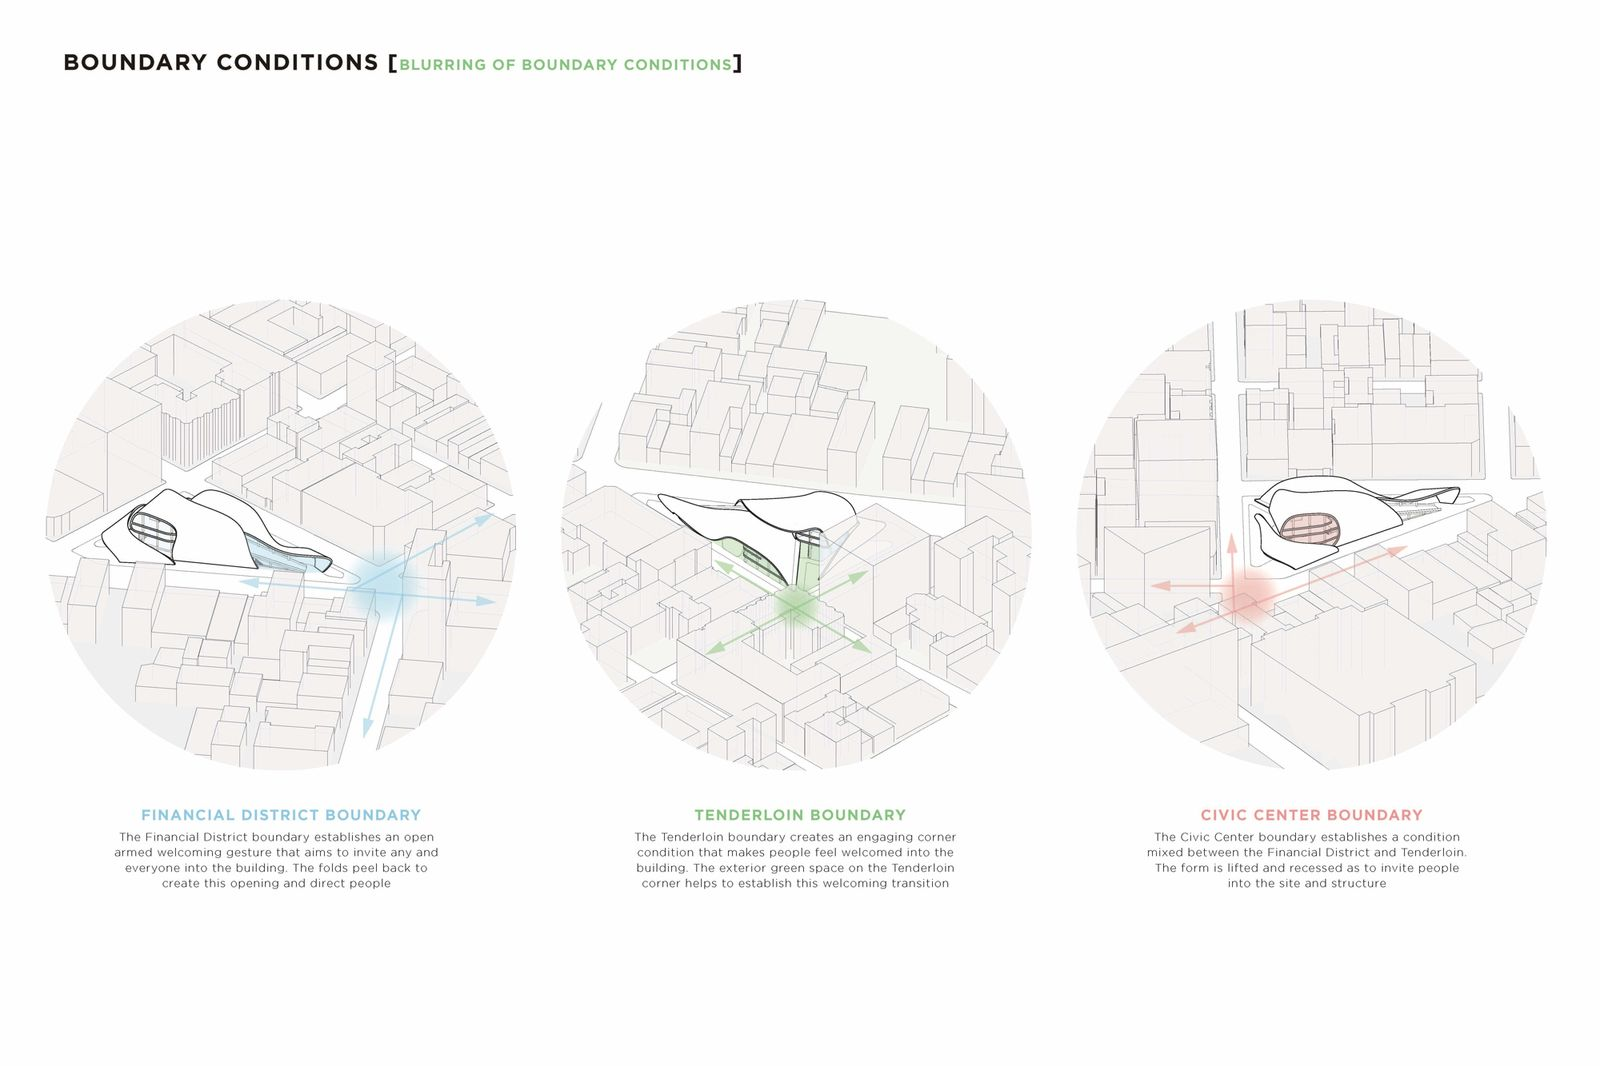 Public Congruency: Leveling the divide between neighborhood boundaries in the San Francisco Tenderloin